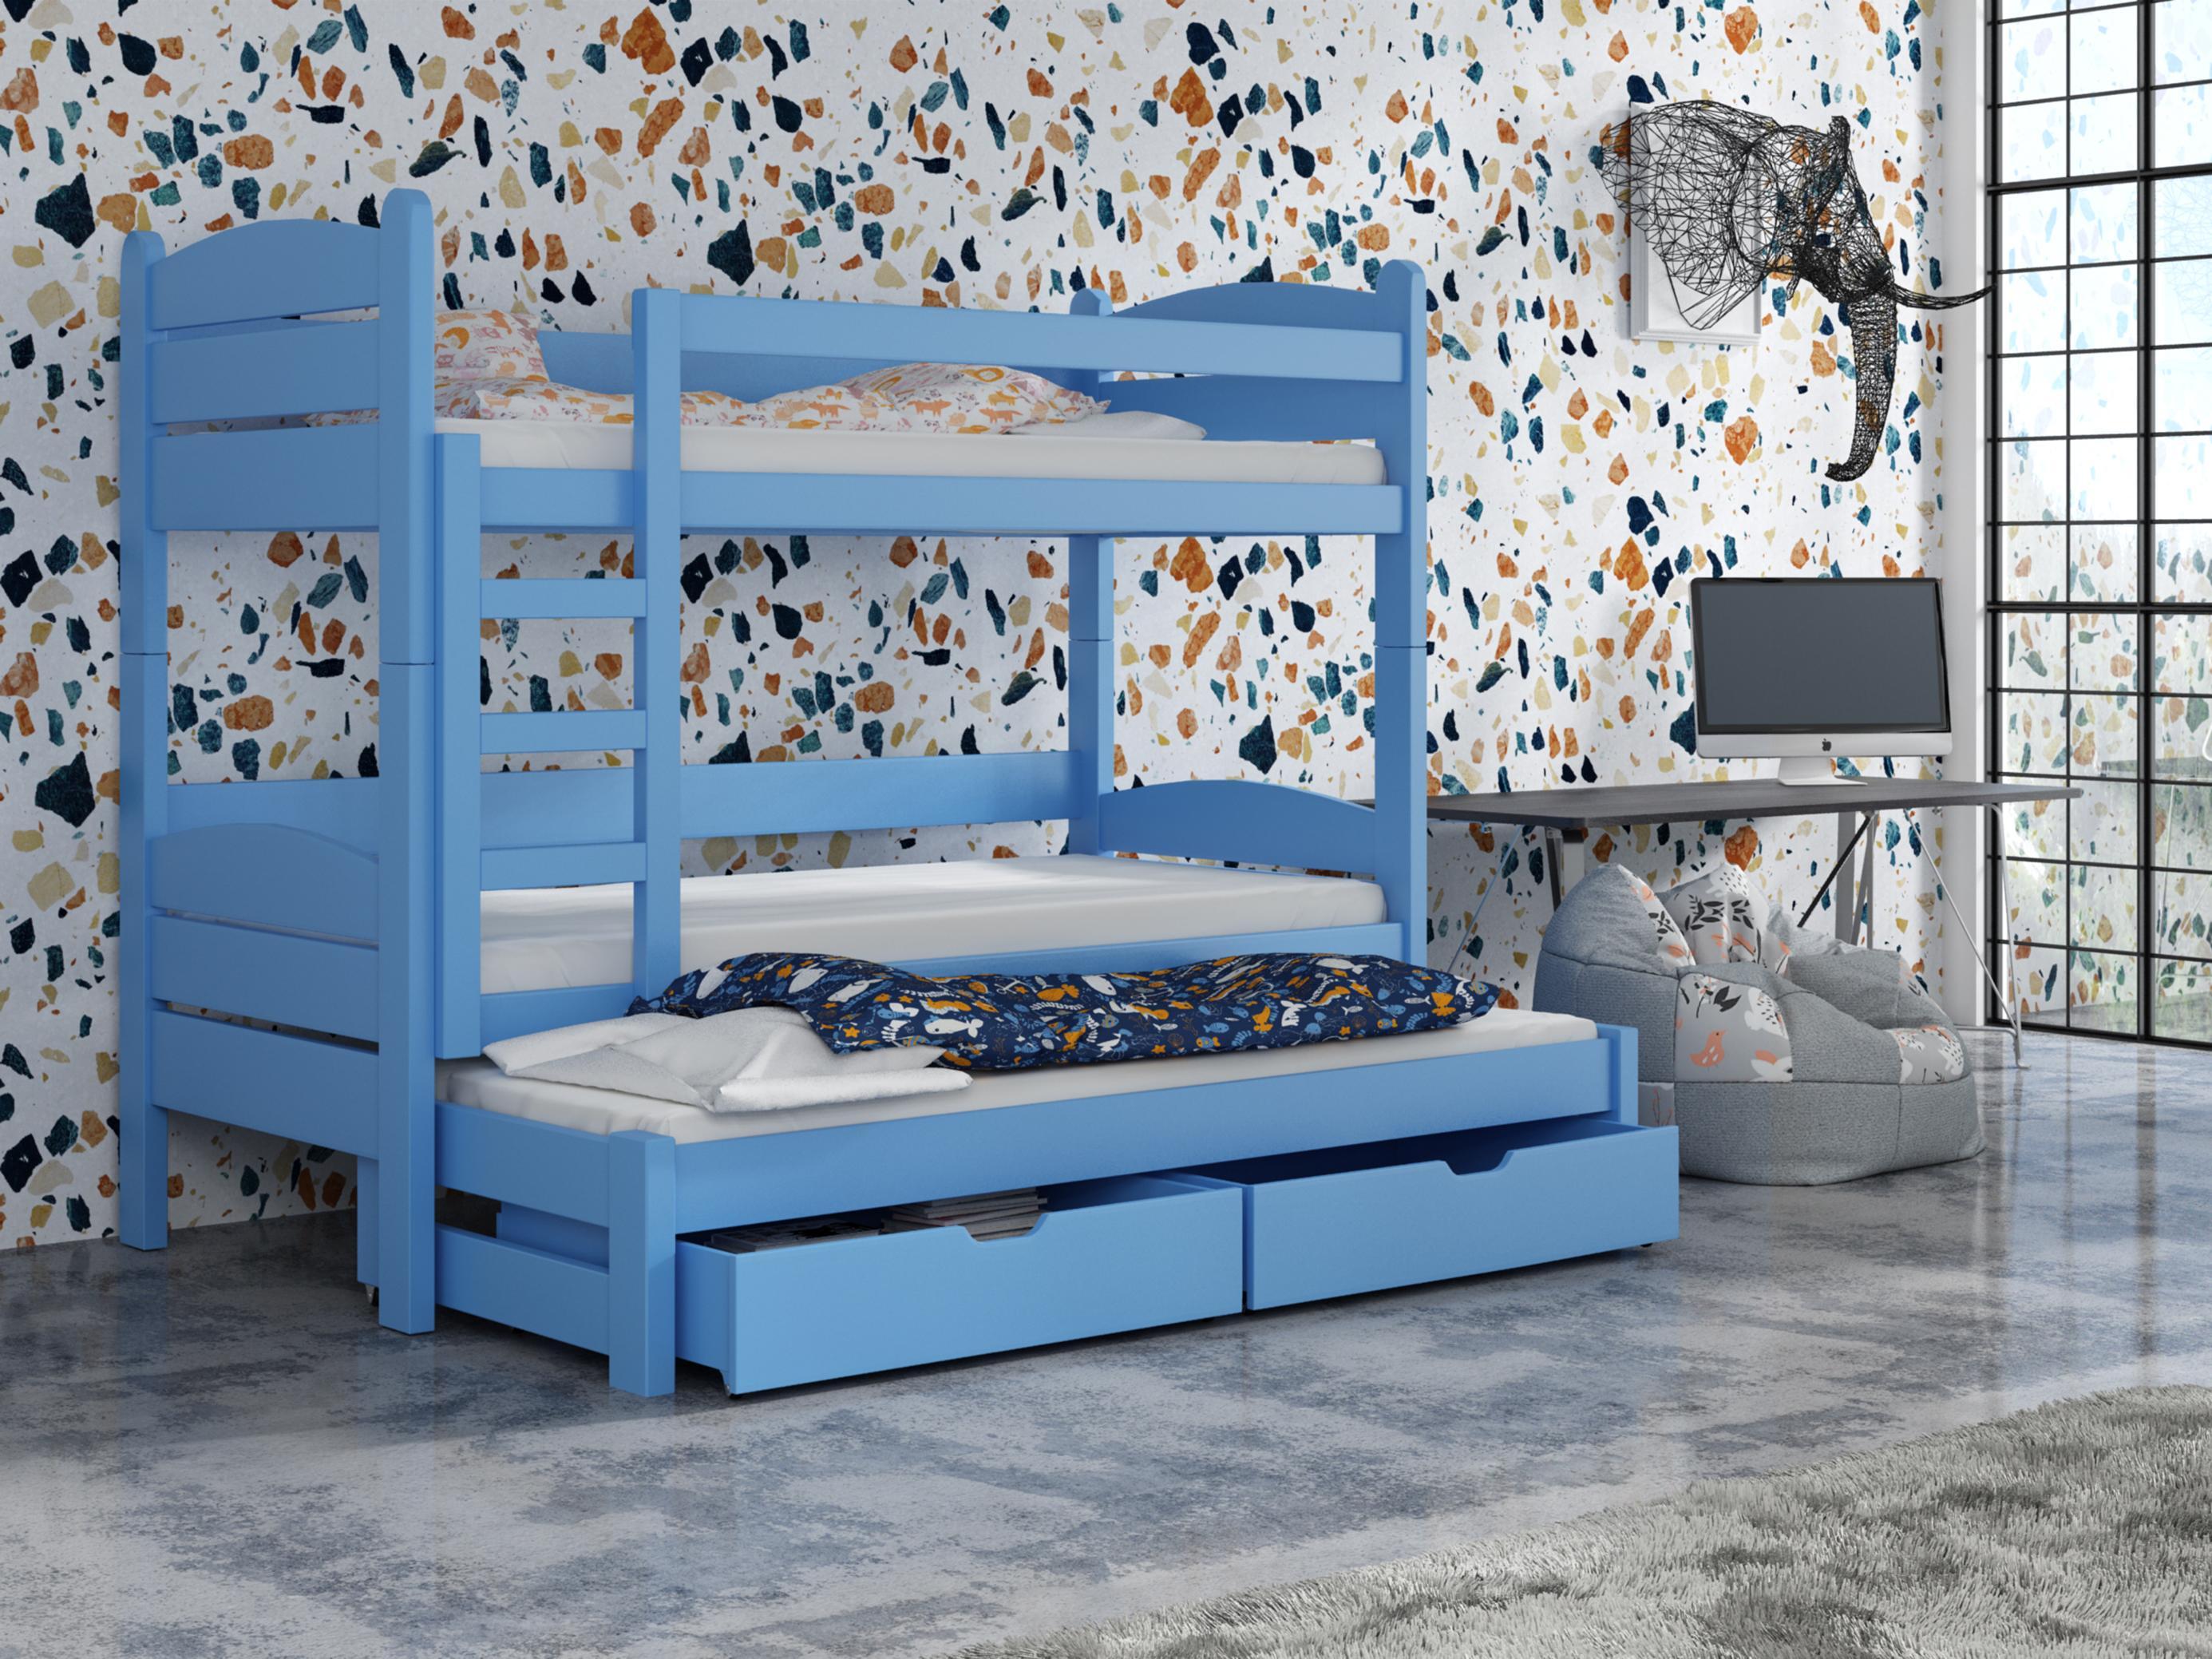 Dětská patrová postel 90 cm - Celsa (modrá)